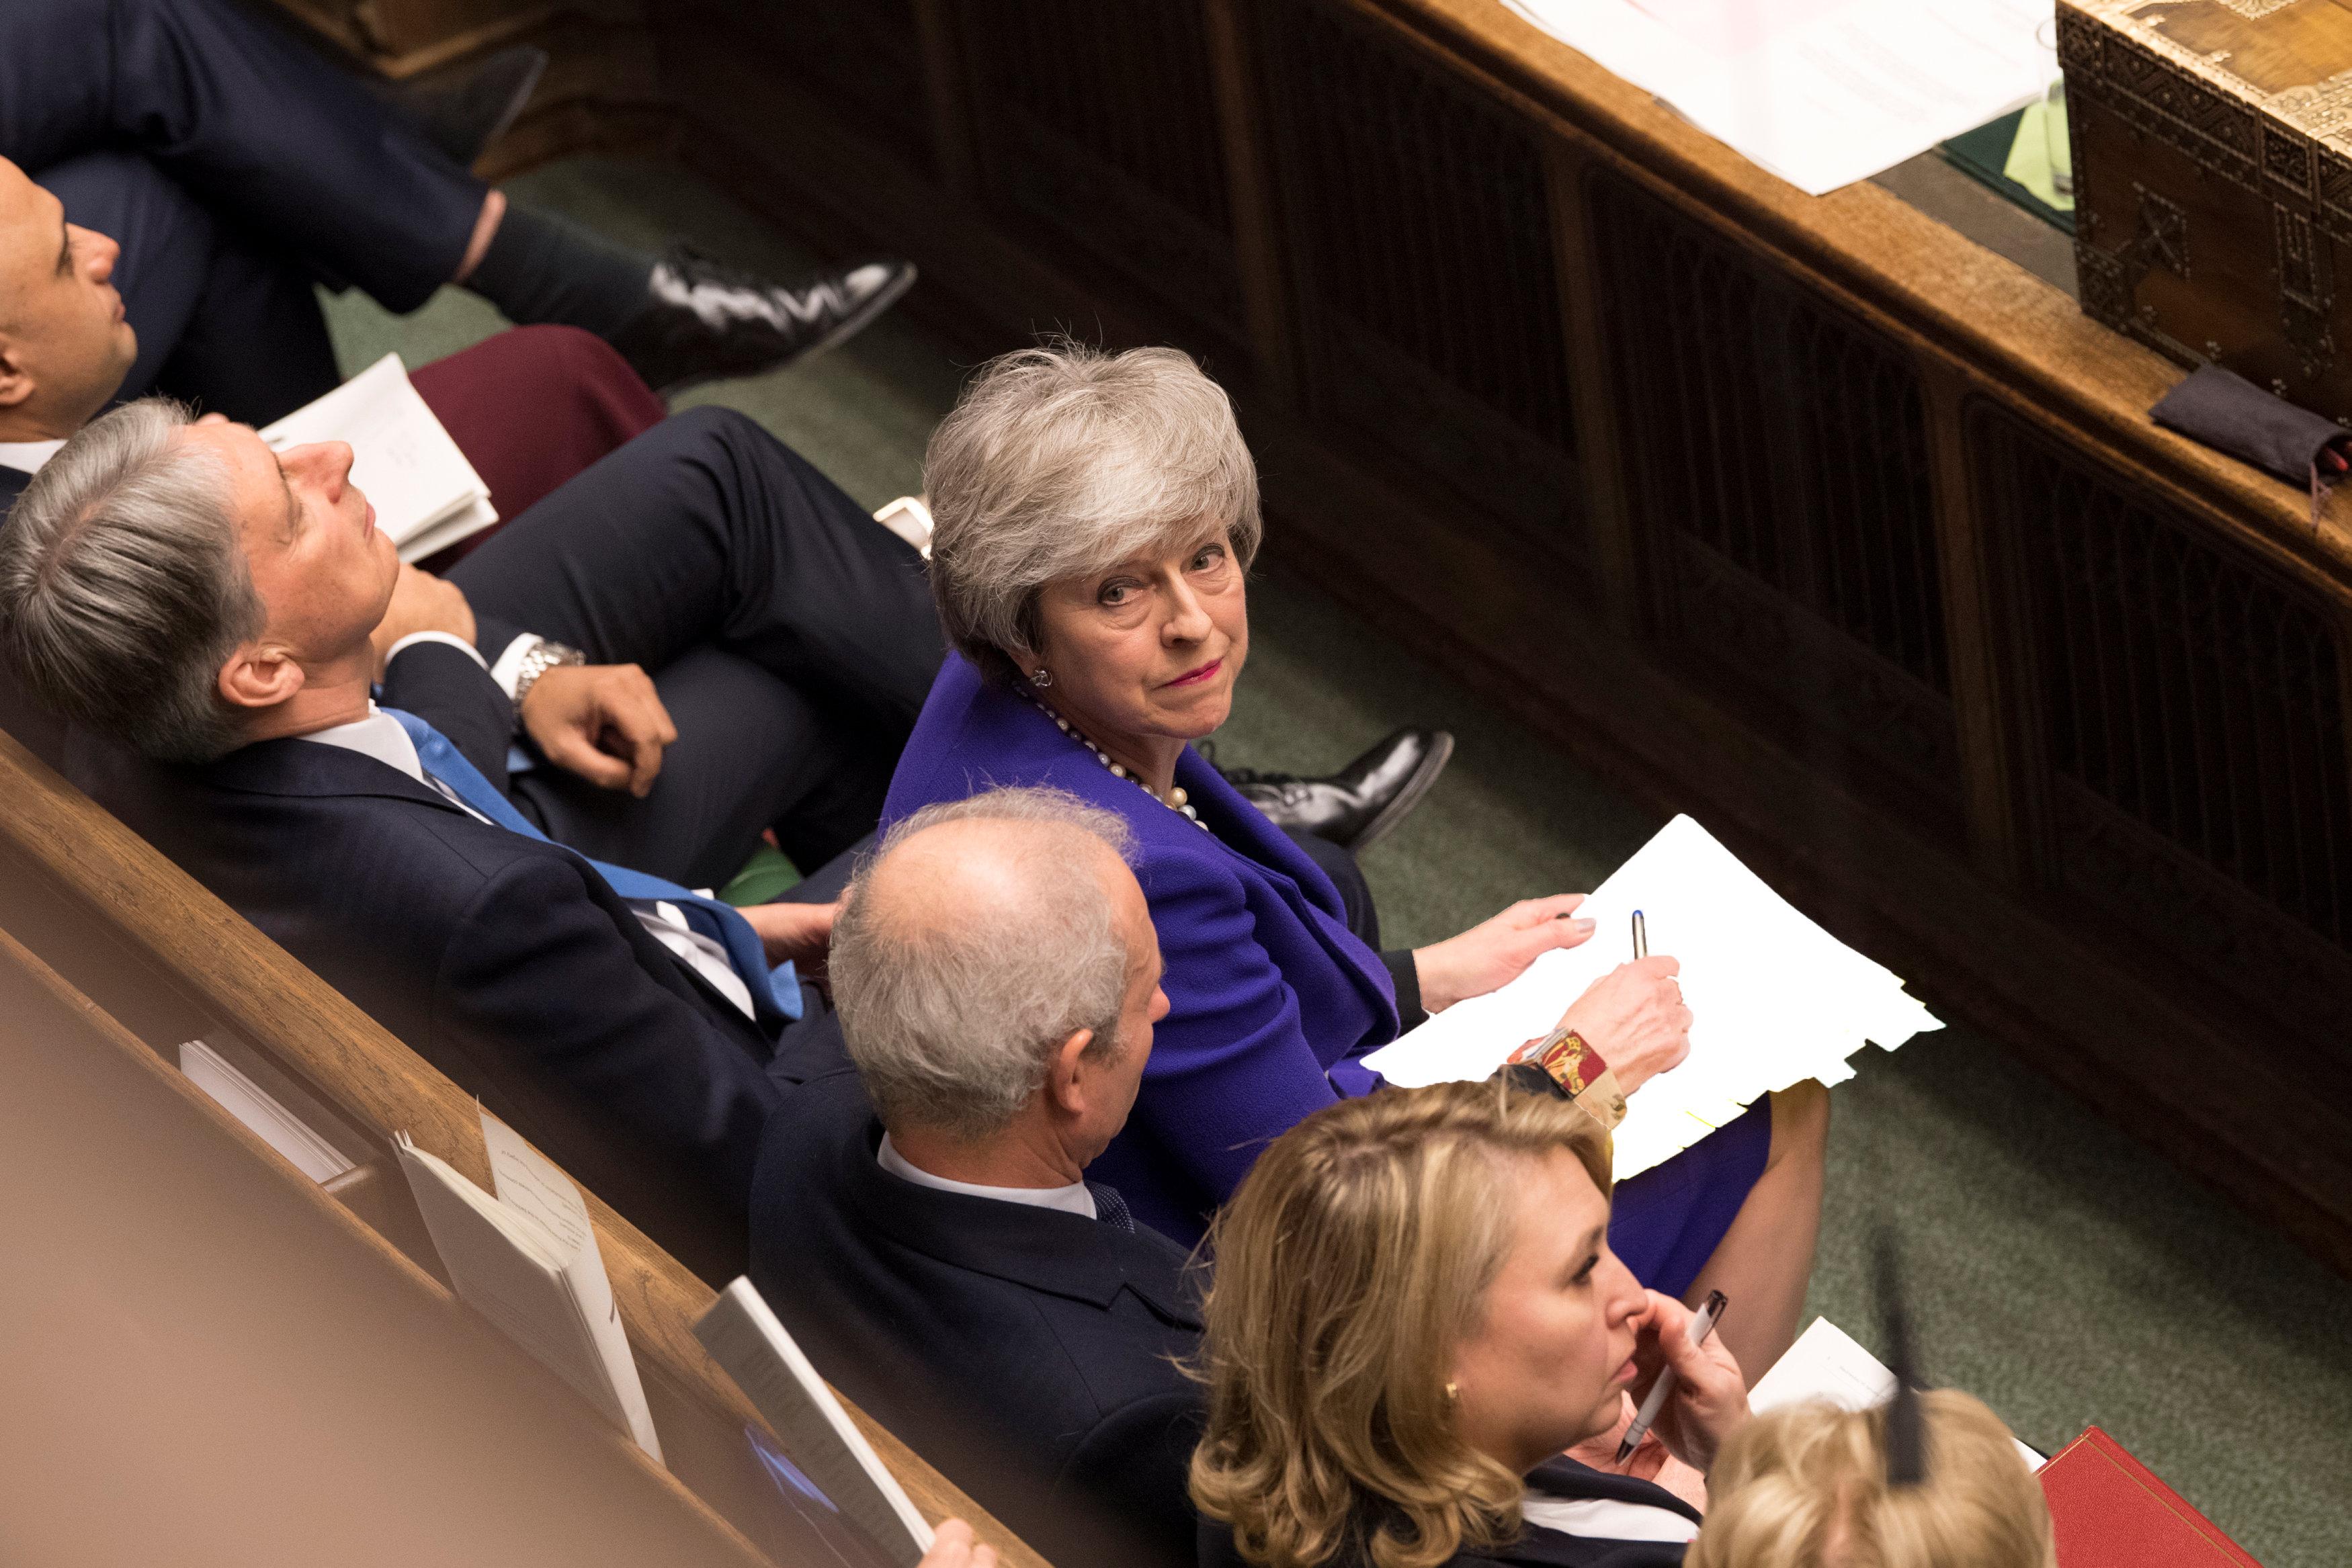 La primera ministra Theresa May durante un debate en el parlamento británico el30 de enero (Mark Duffy via REUTERS)